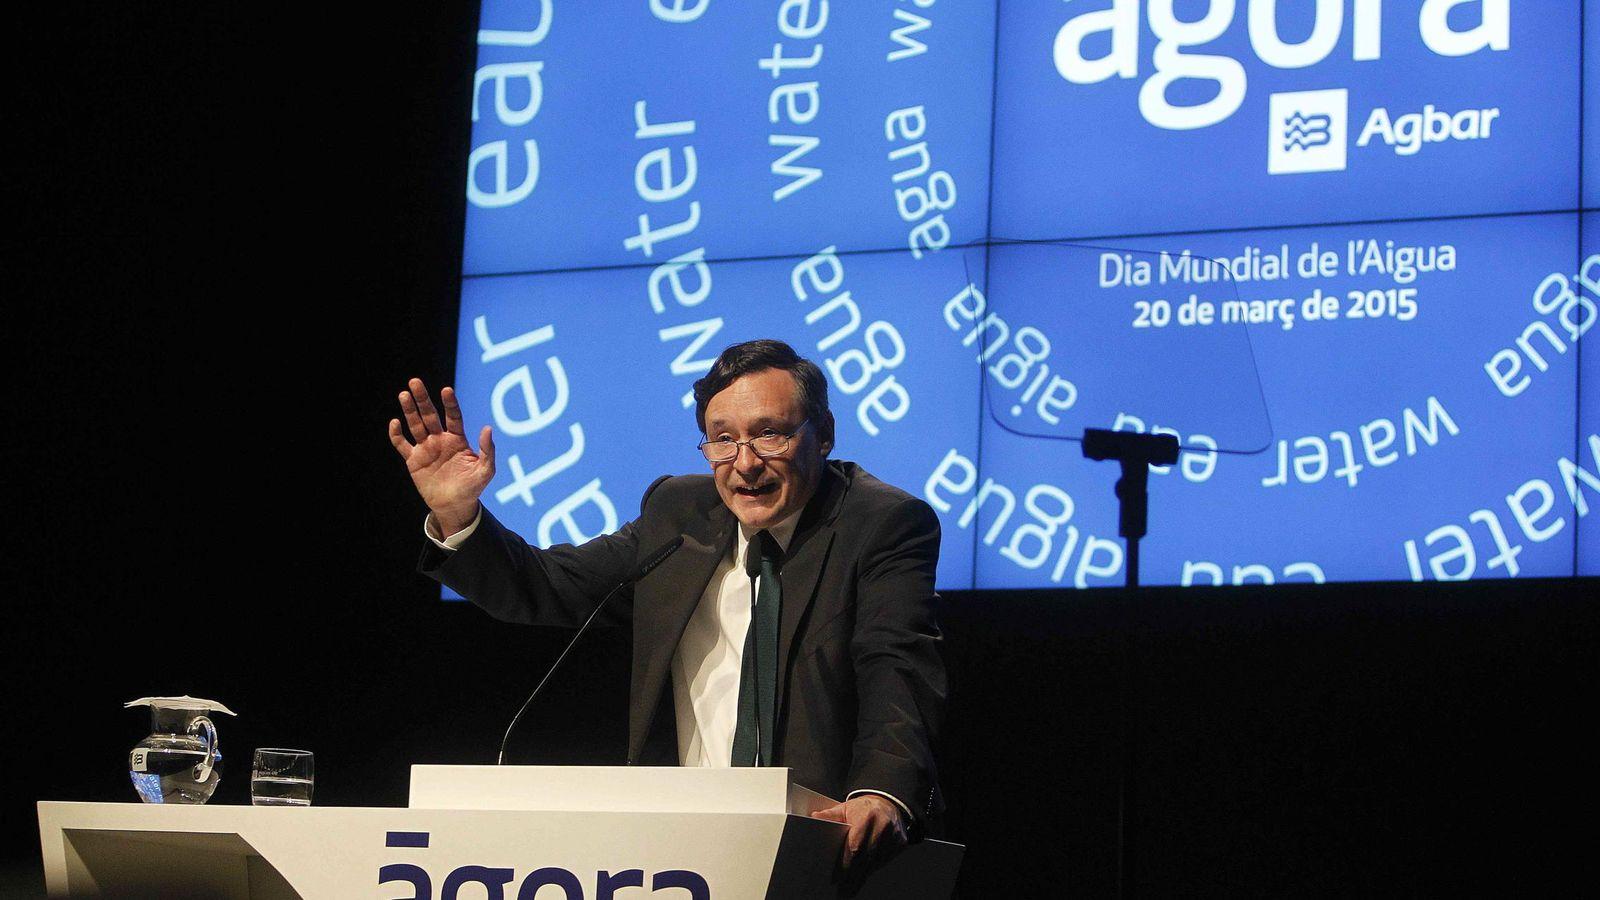 Foto:  El presidente ejecutivo de AGBAR, Angel Simón. (EFE)